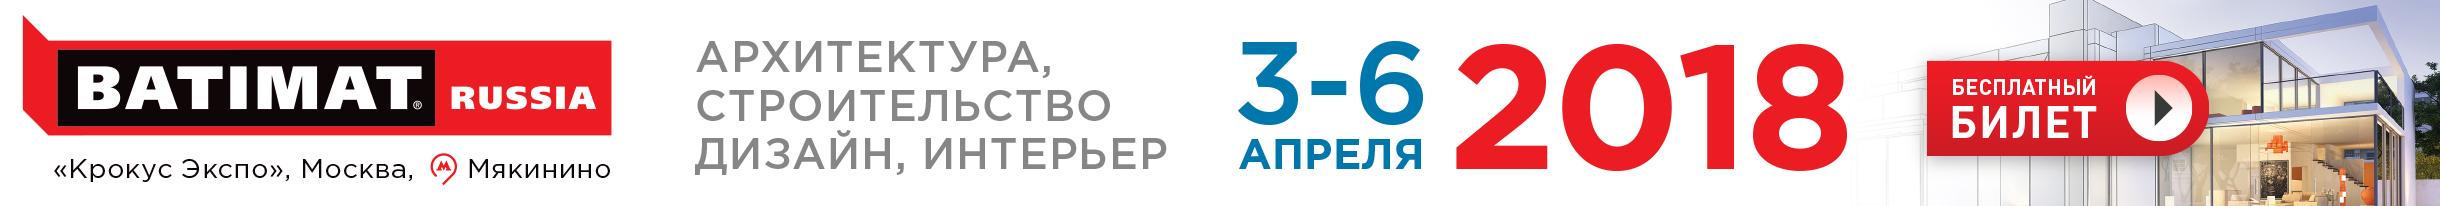 BATIMAT RUSSIA бесплатный билет 1000x120